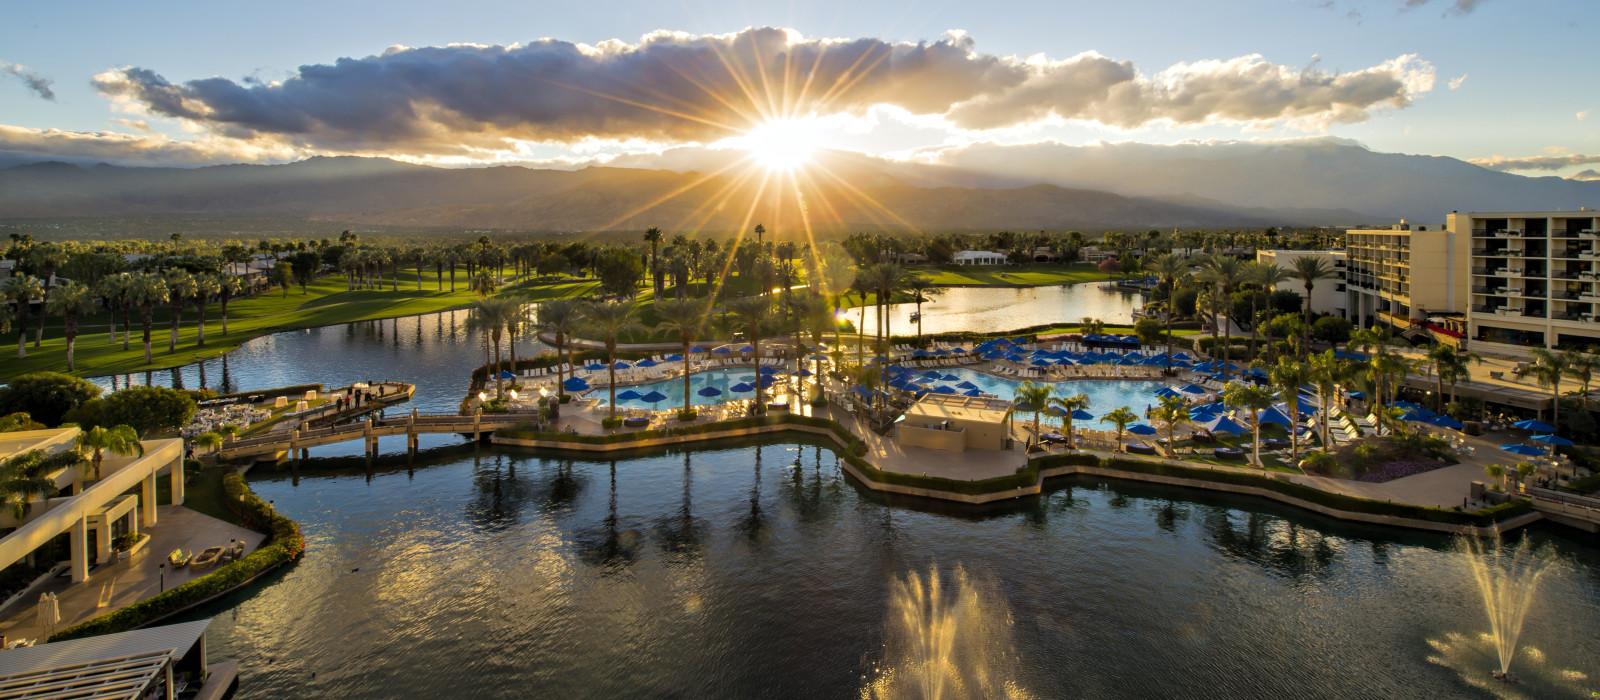 Hotel JW Marriott Desert Springs Resort & Spa USA